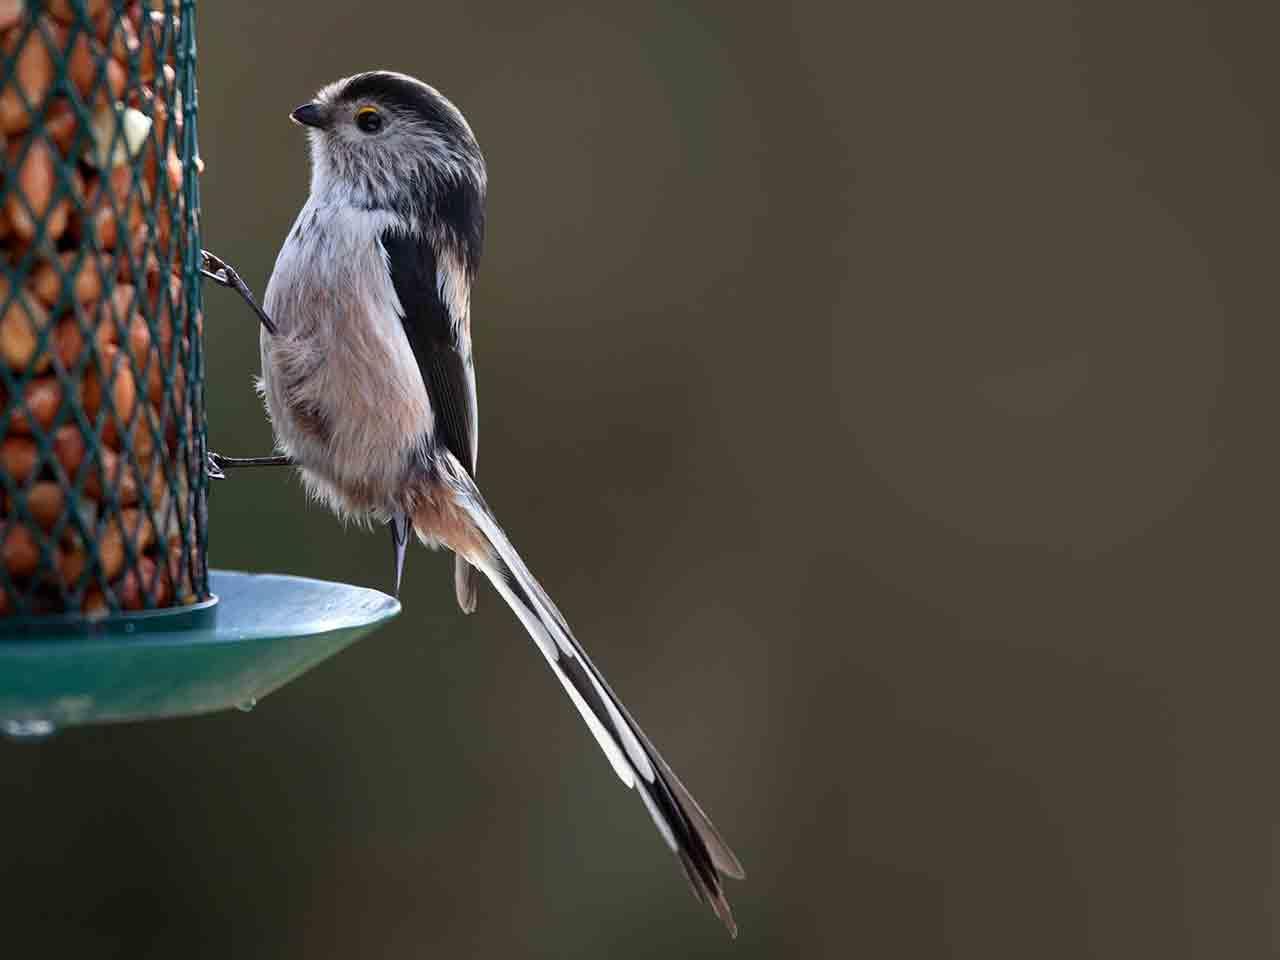 Speckled tit bird feeder